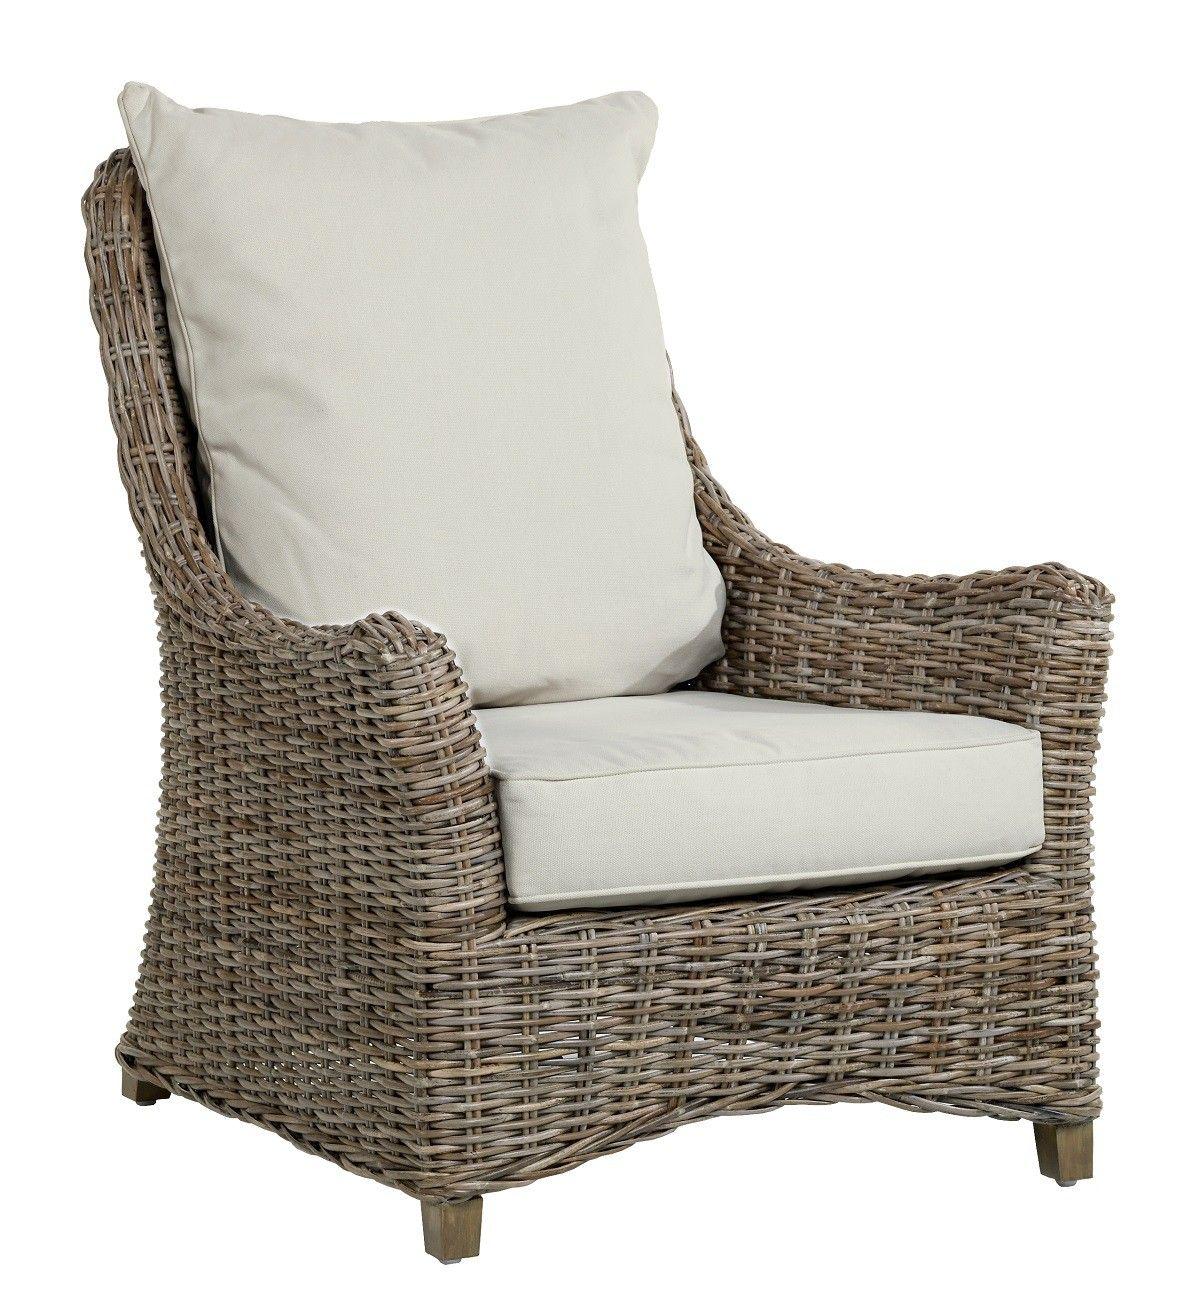 fauteuil de jardin en rotin pas cher. fauteuil en kubu in s ...